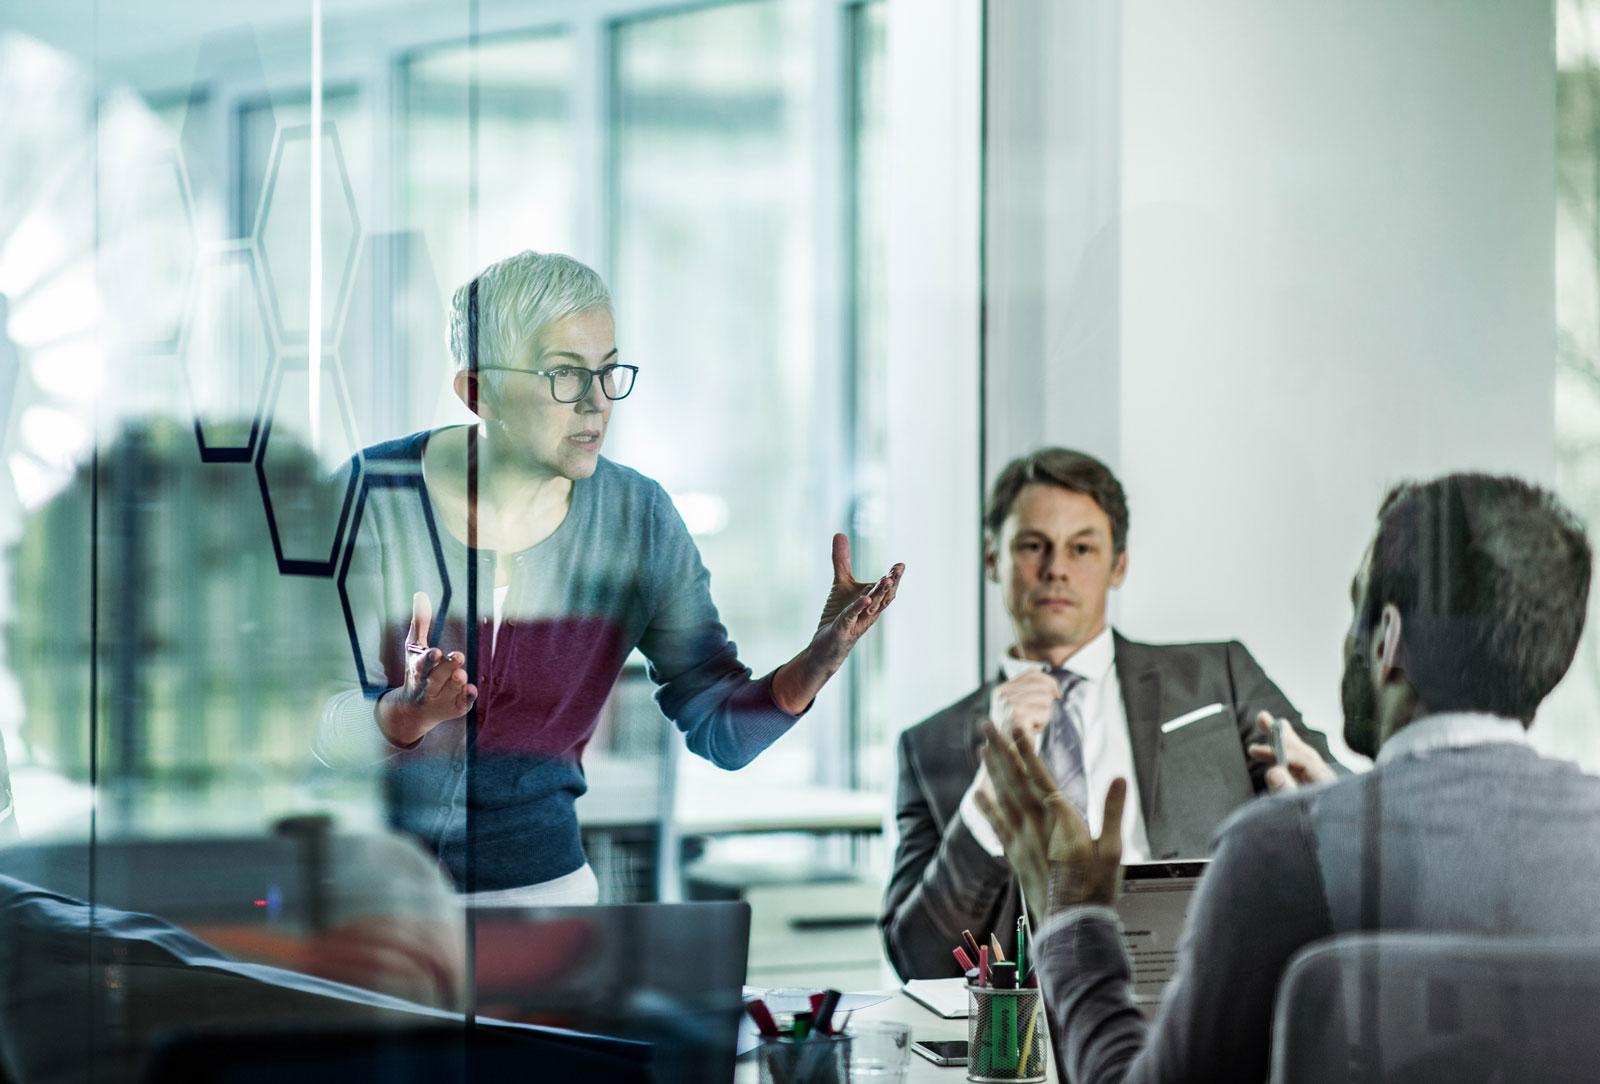 Das Arbeitsklima im Unternehmen kann sich verändern.